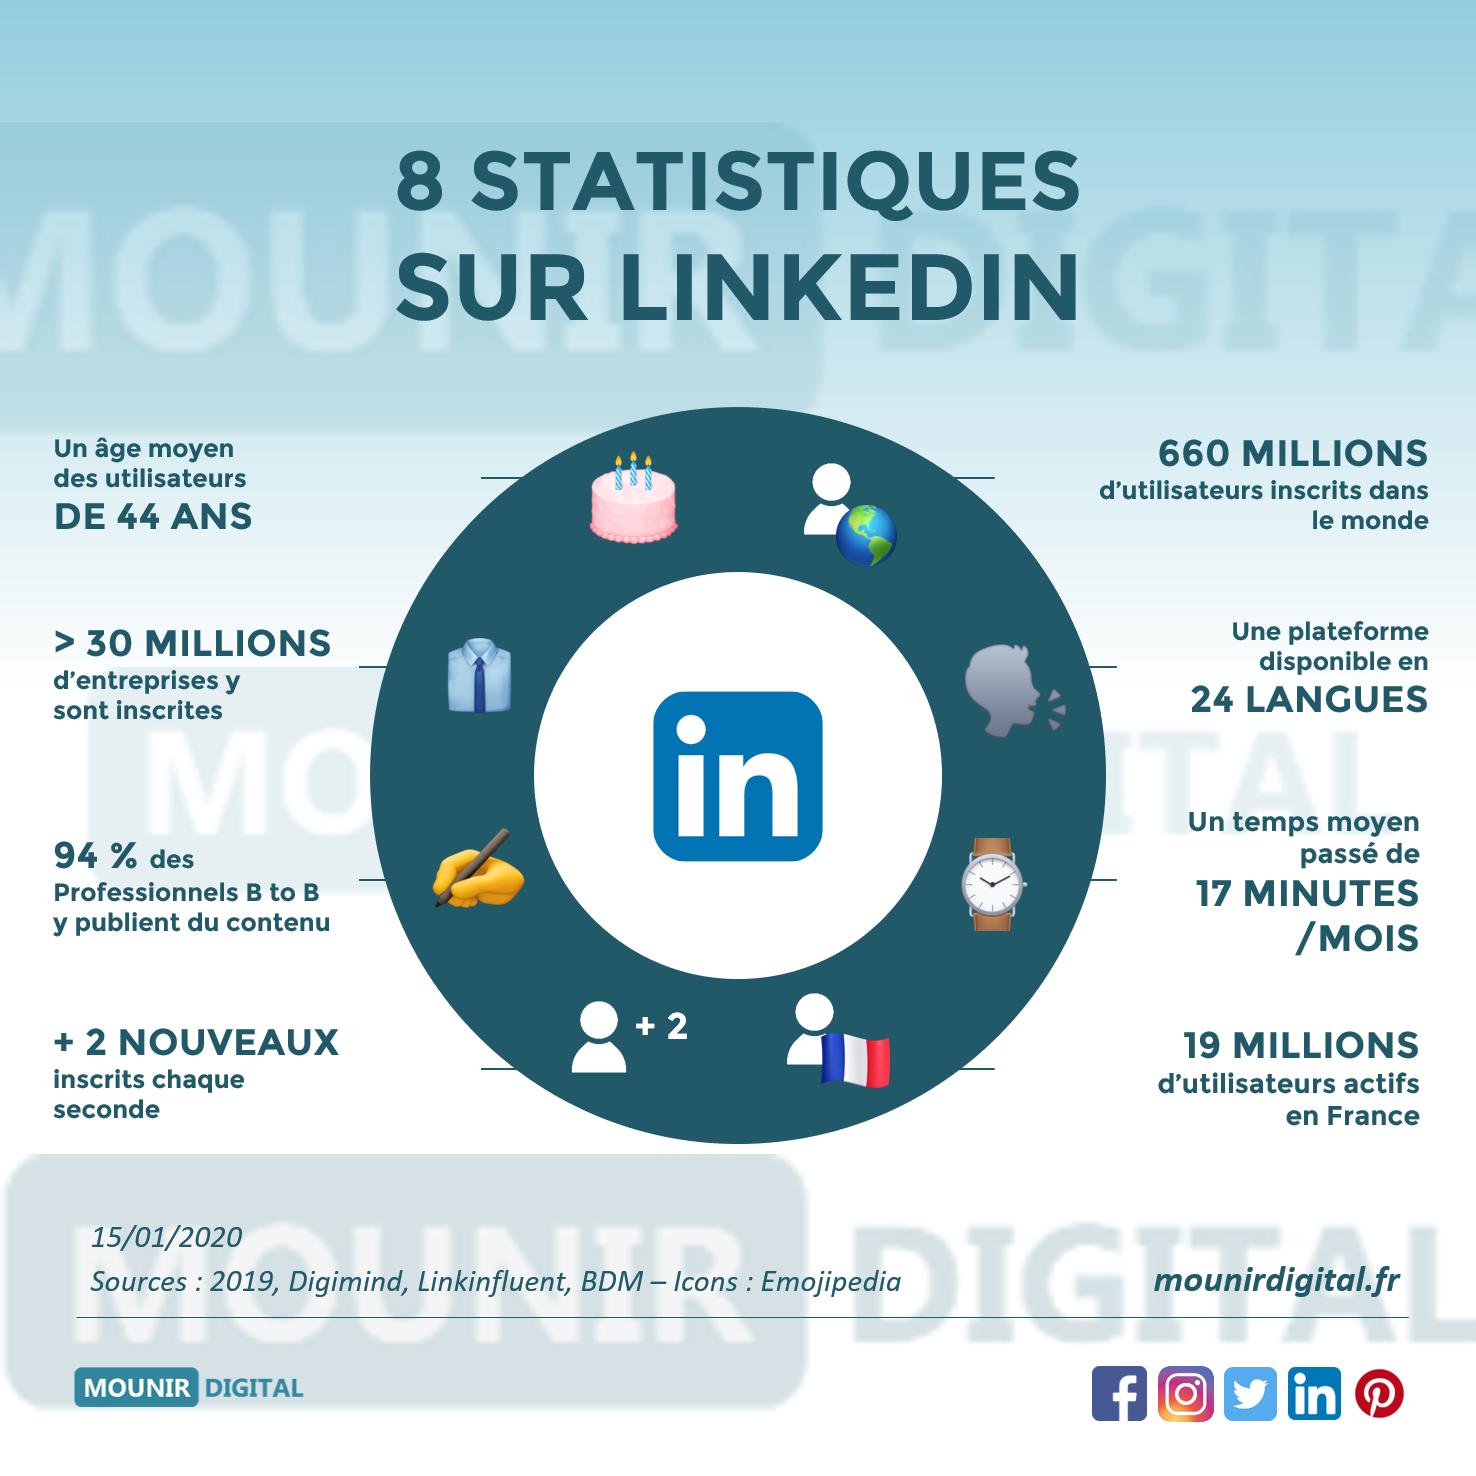 8 statistiques sur LinkedIn - Mounir Digital